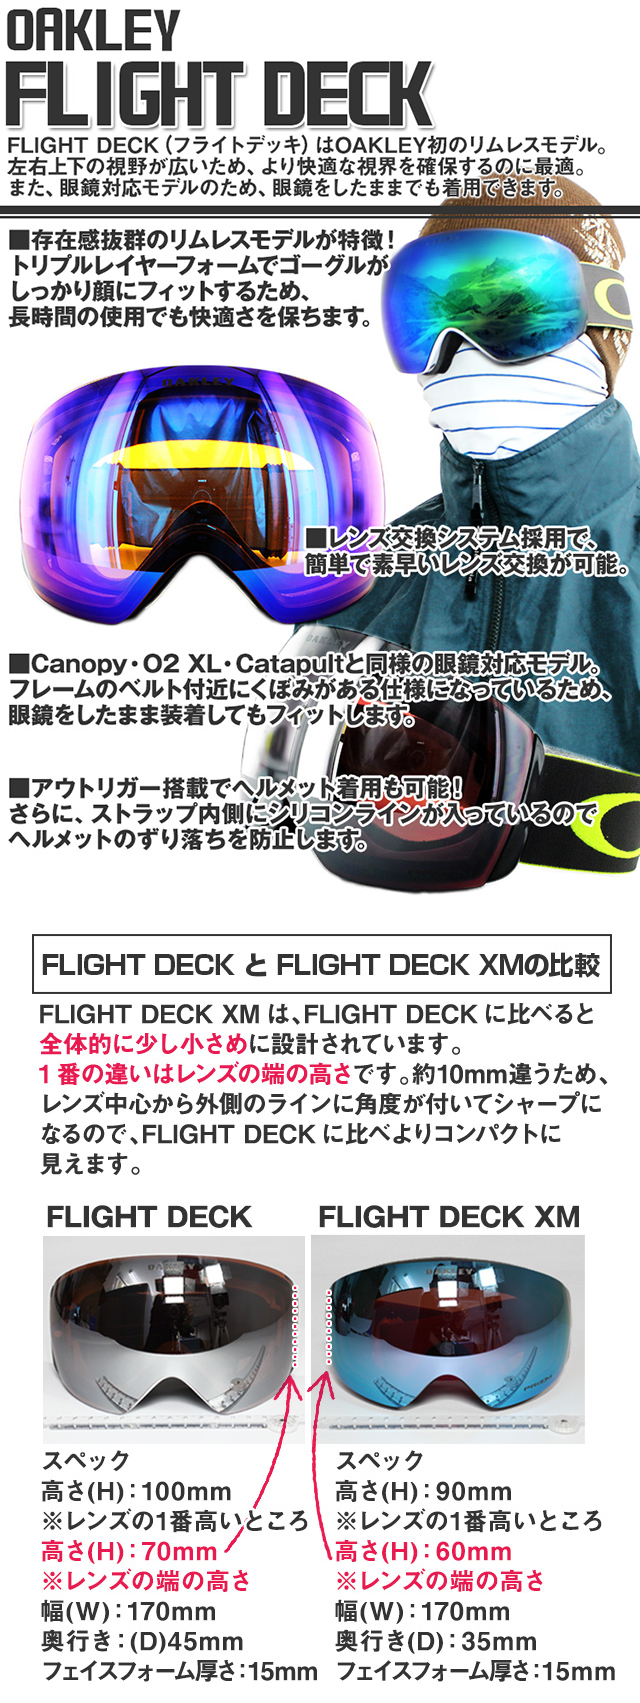 オークリー OAKLEY フライトデッキ FLIGHT DECK XM